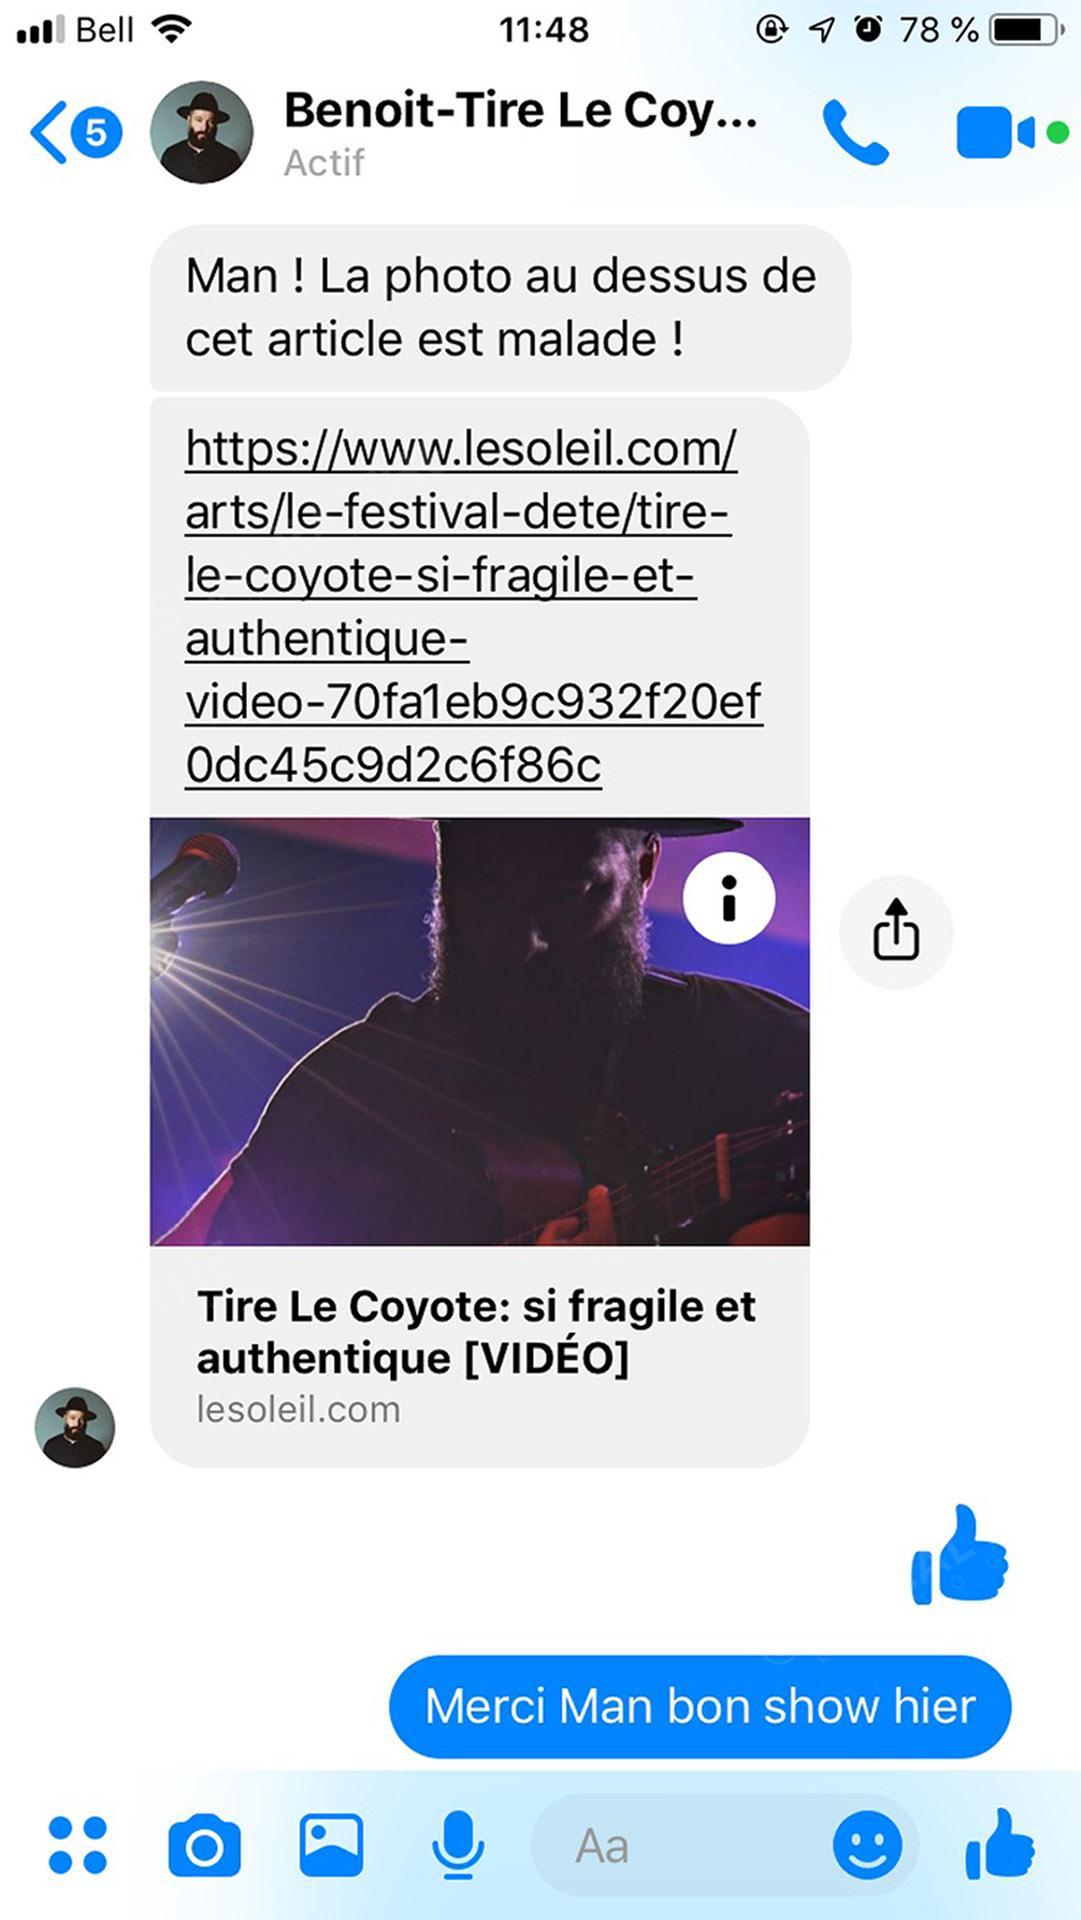 le chanteur tire le coyote en spectacle a place d'youville